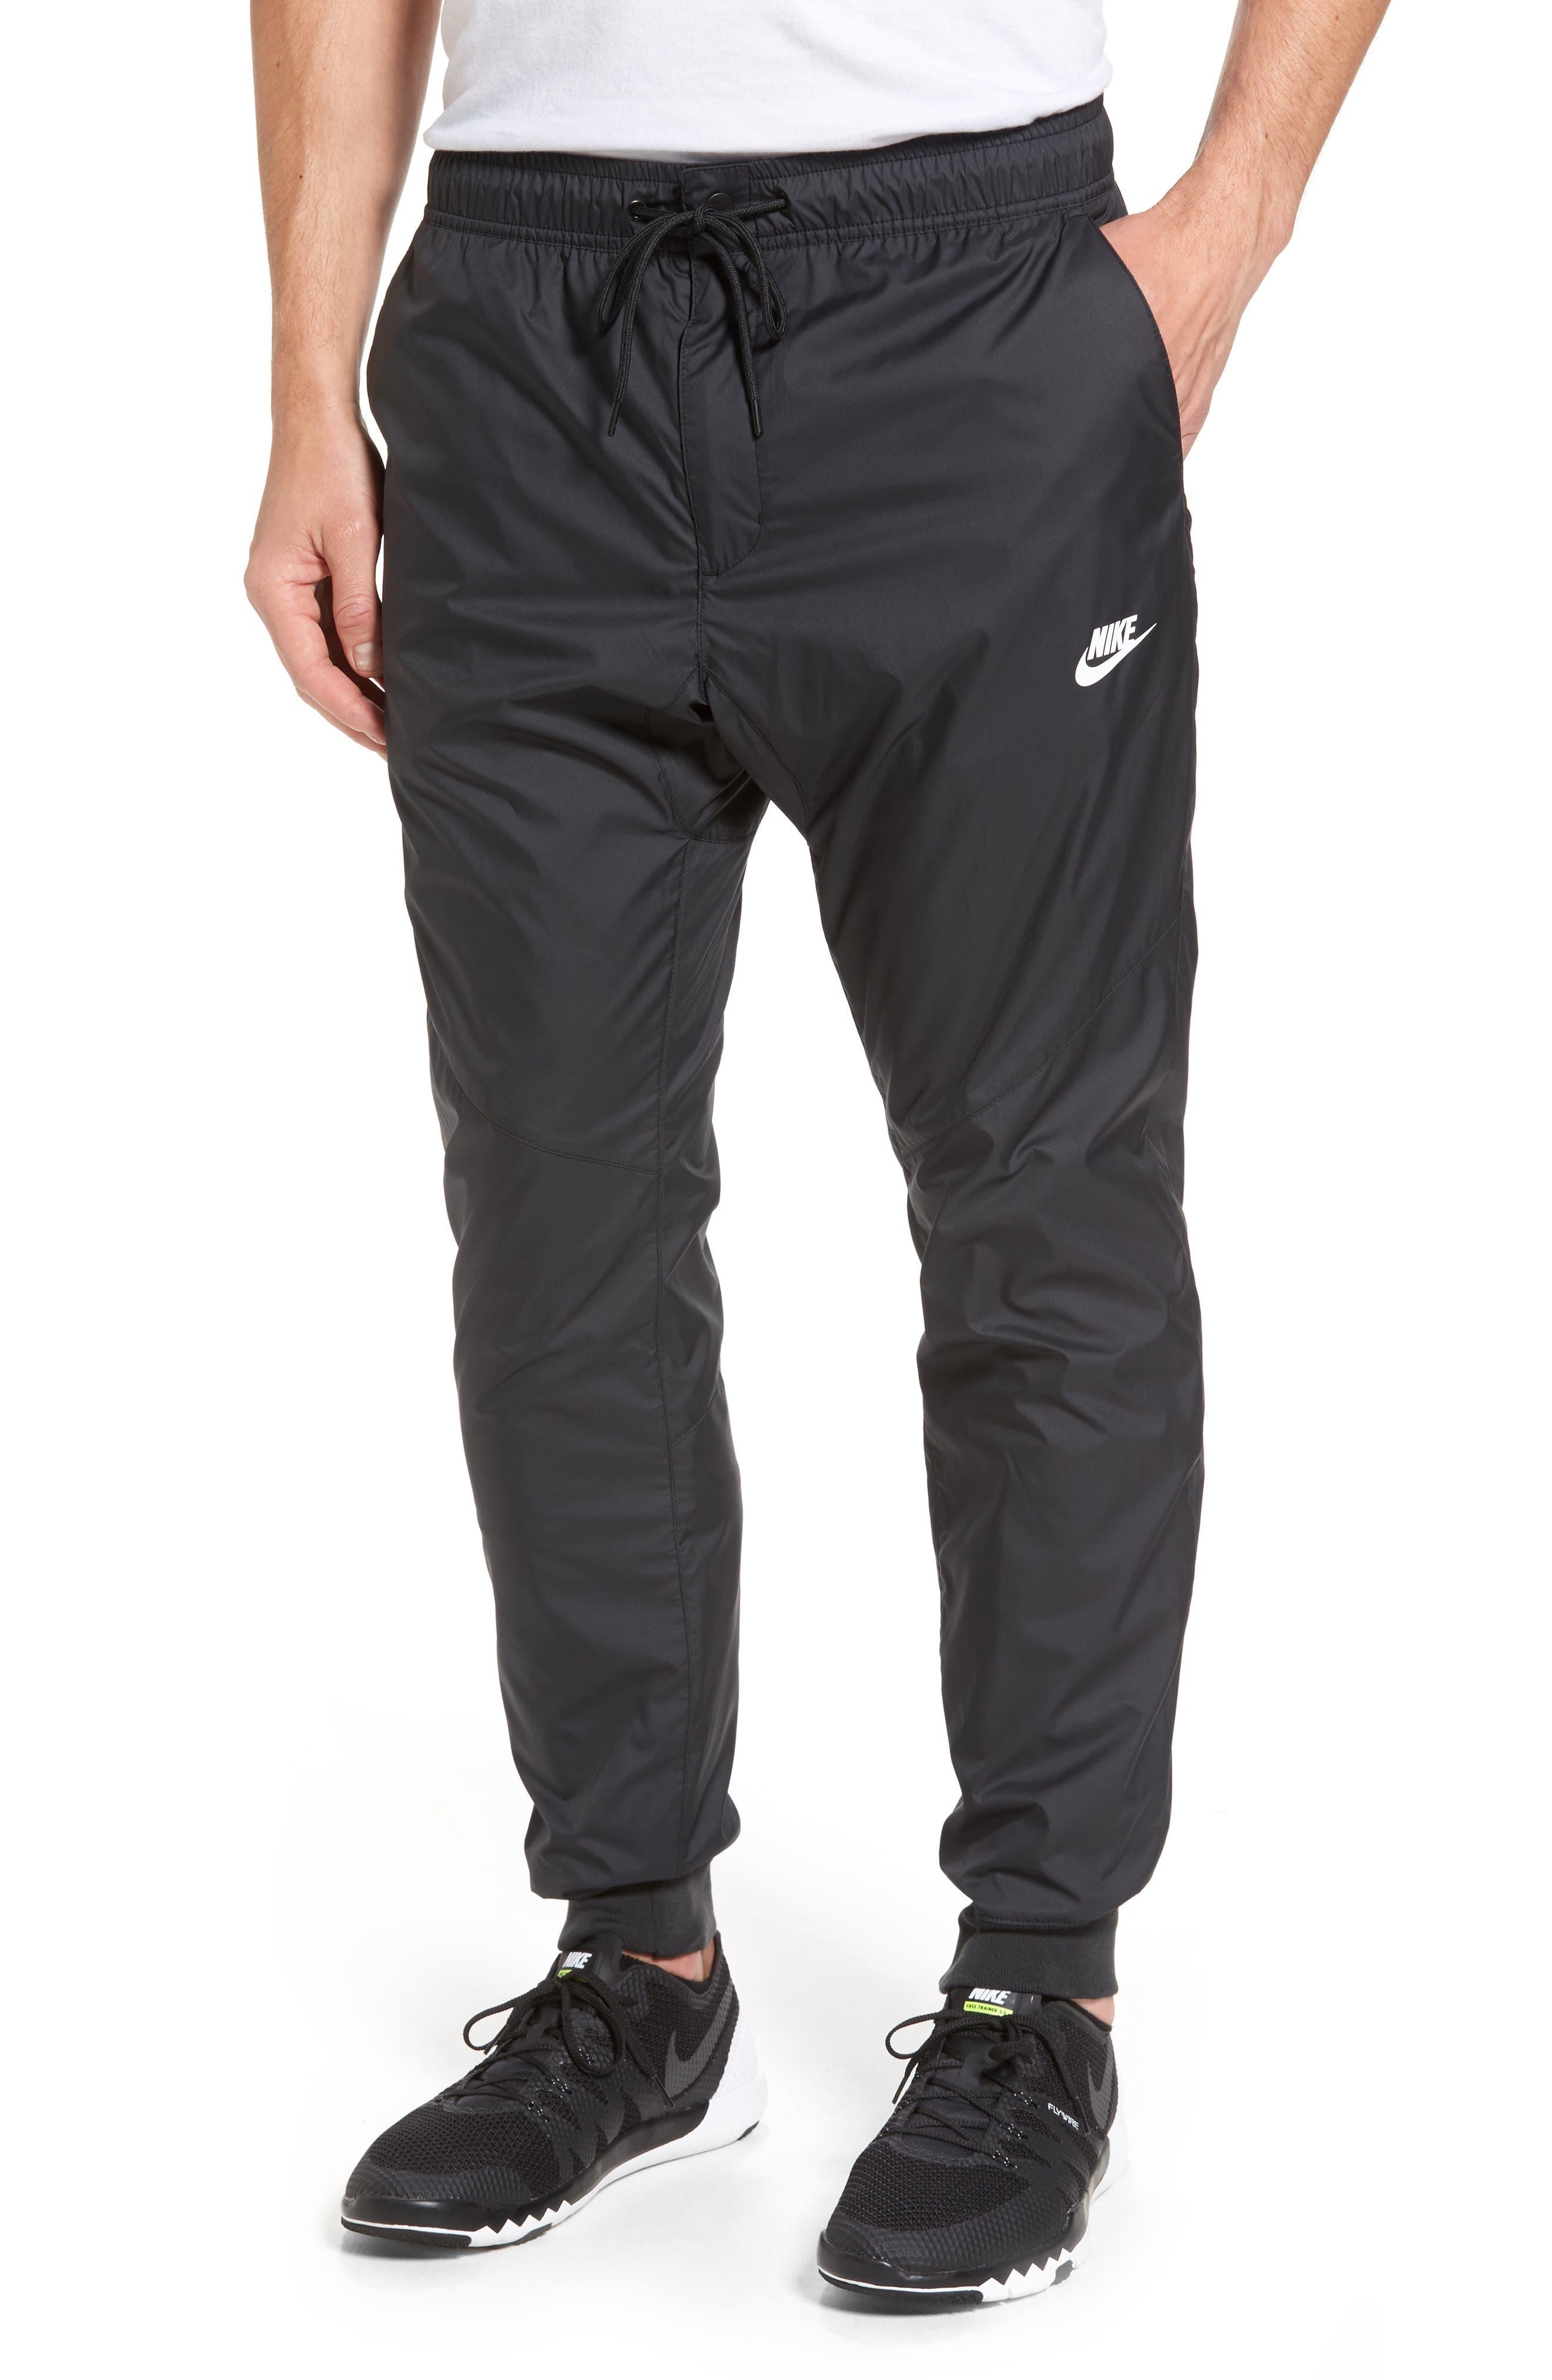 Windrunner Training Pants,                         Main,                         color, Black/ Black/ Black/ White